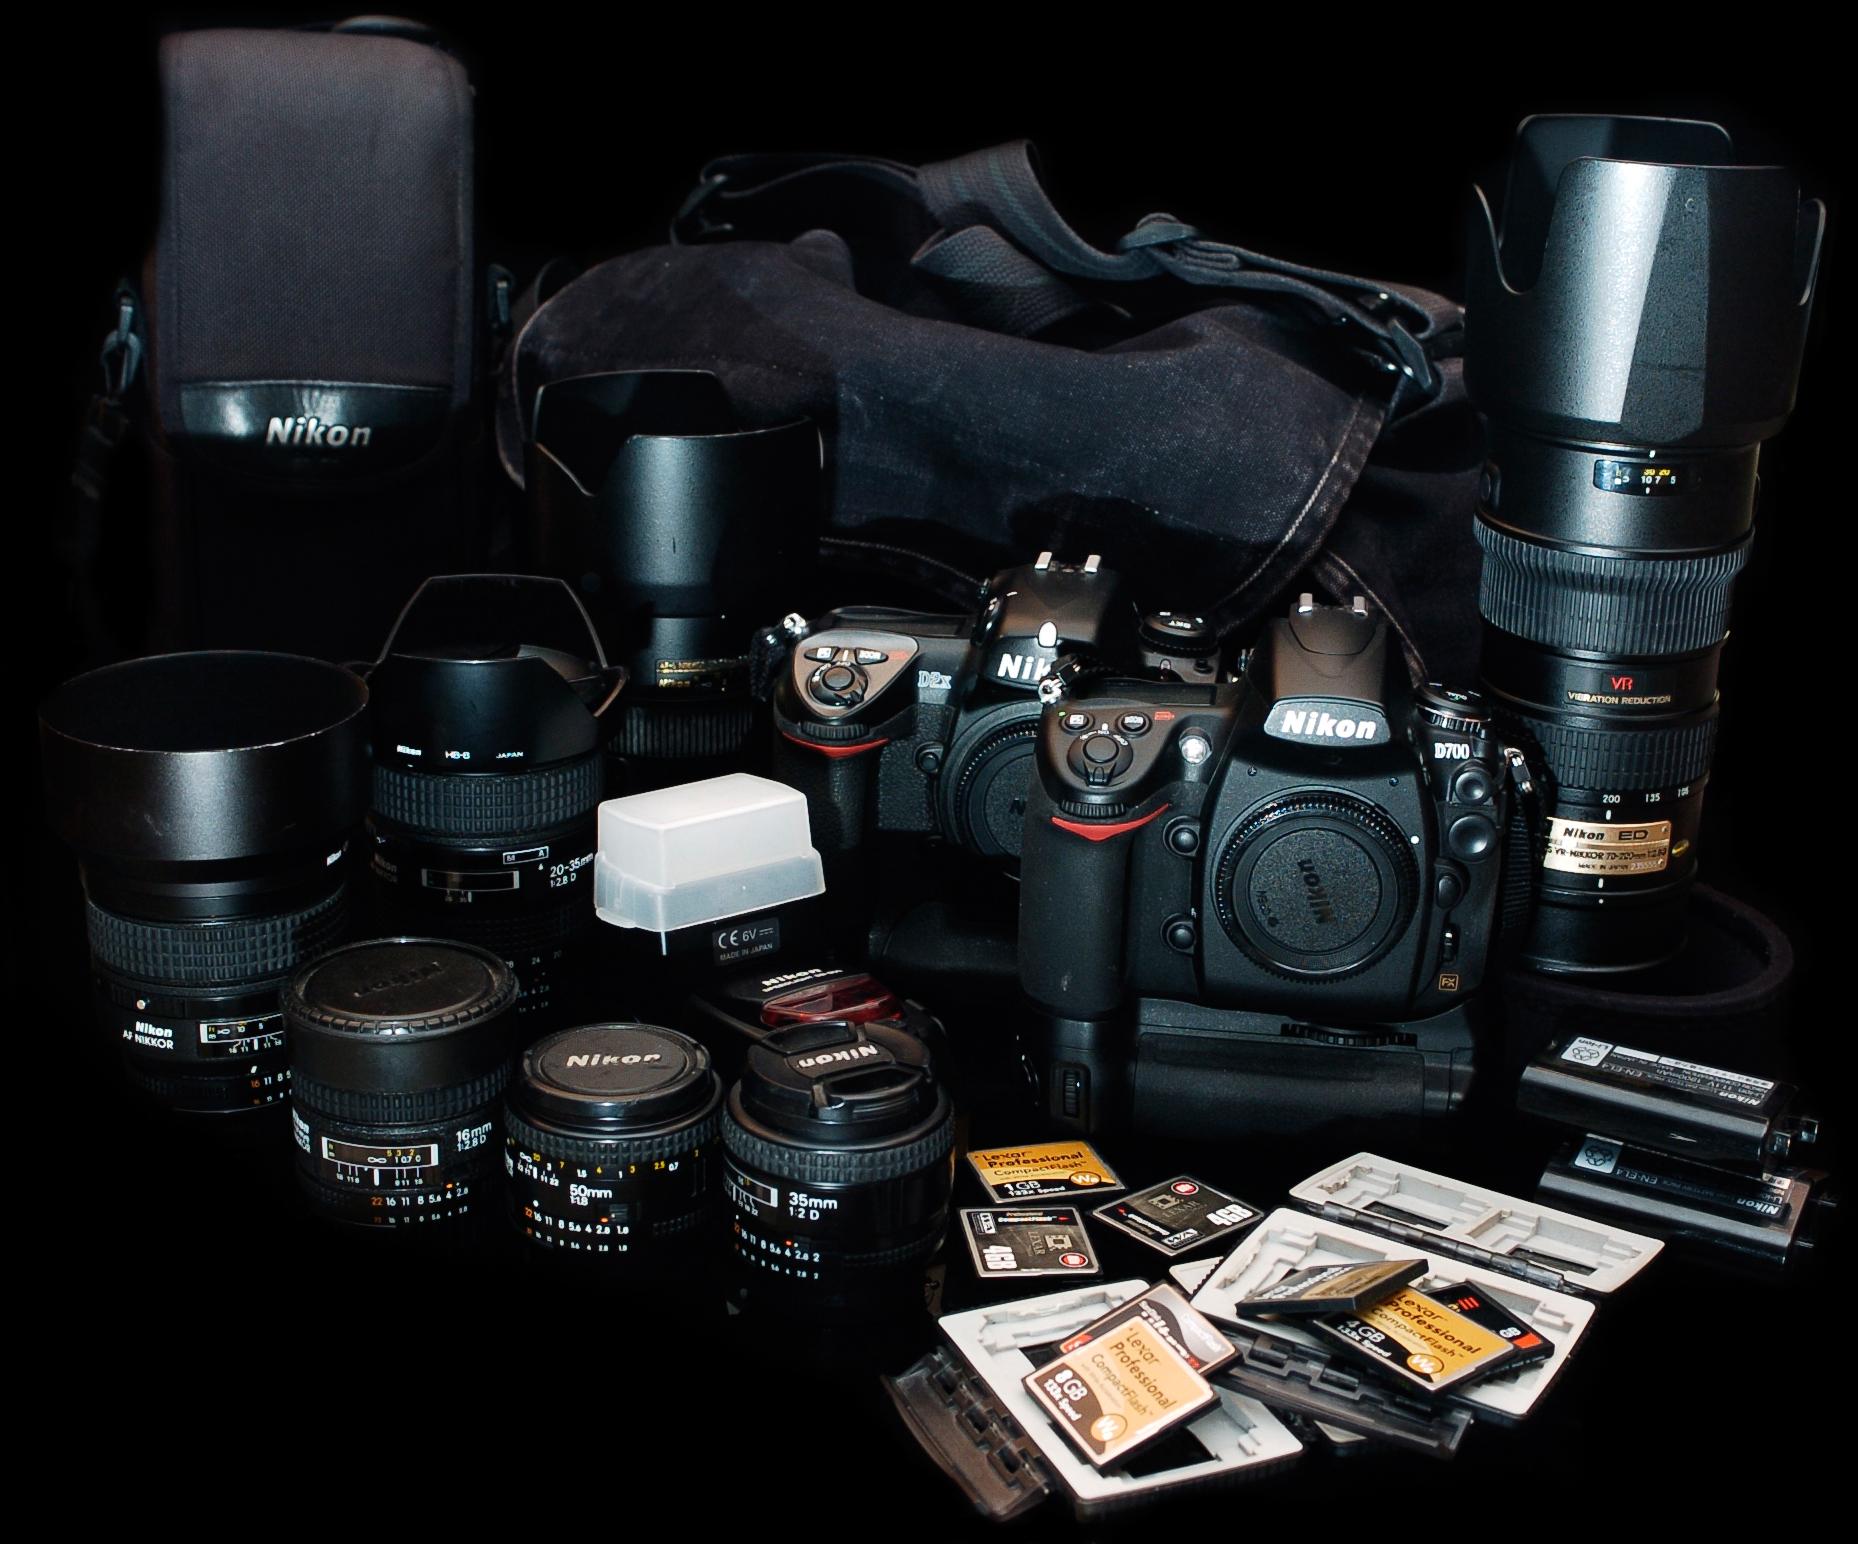 Một số cách tiết kiệm tiền khi chơi máy ảnh - 7410